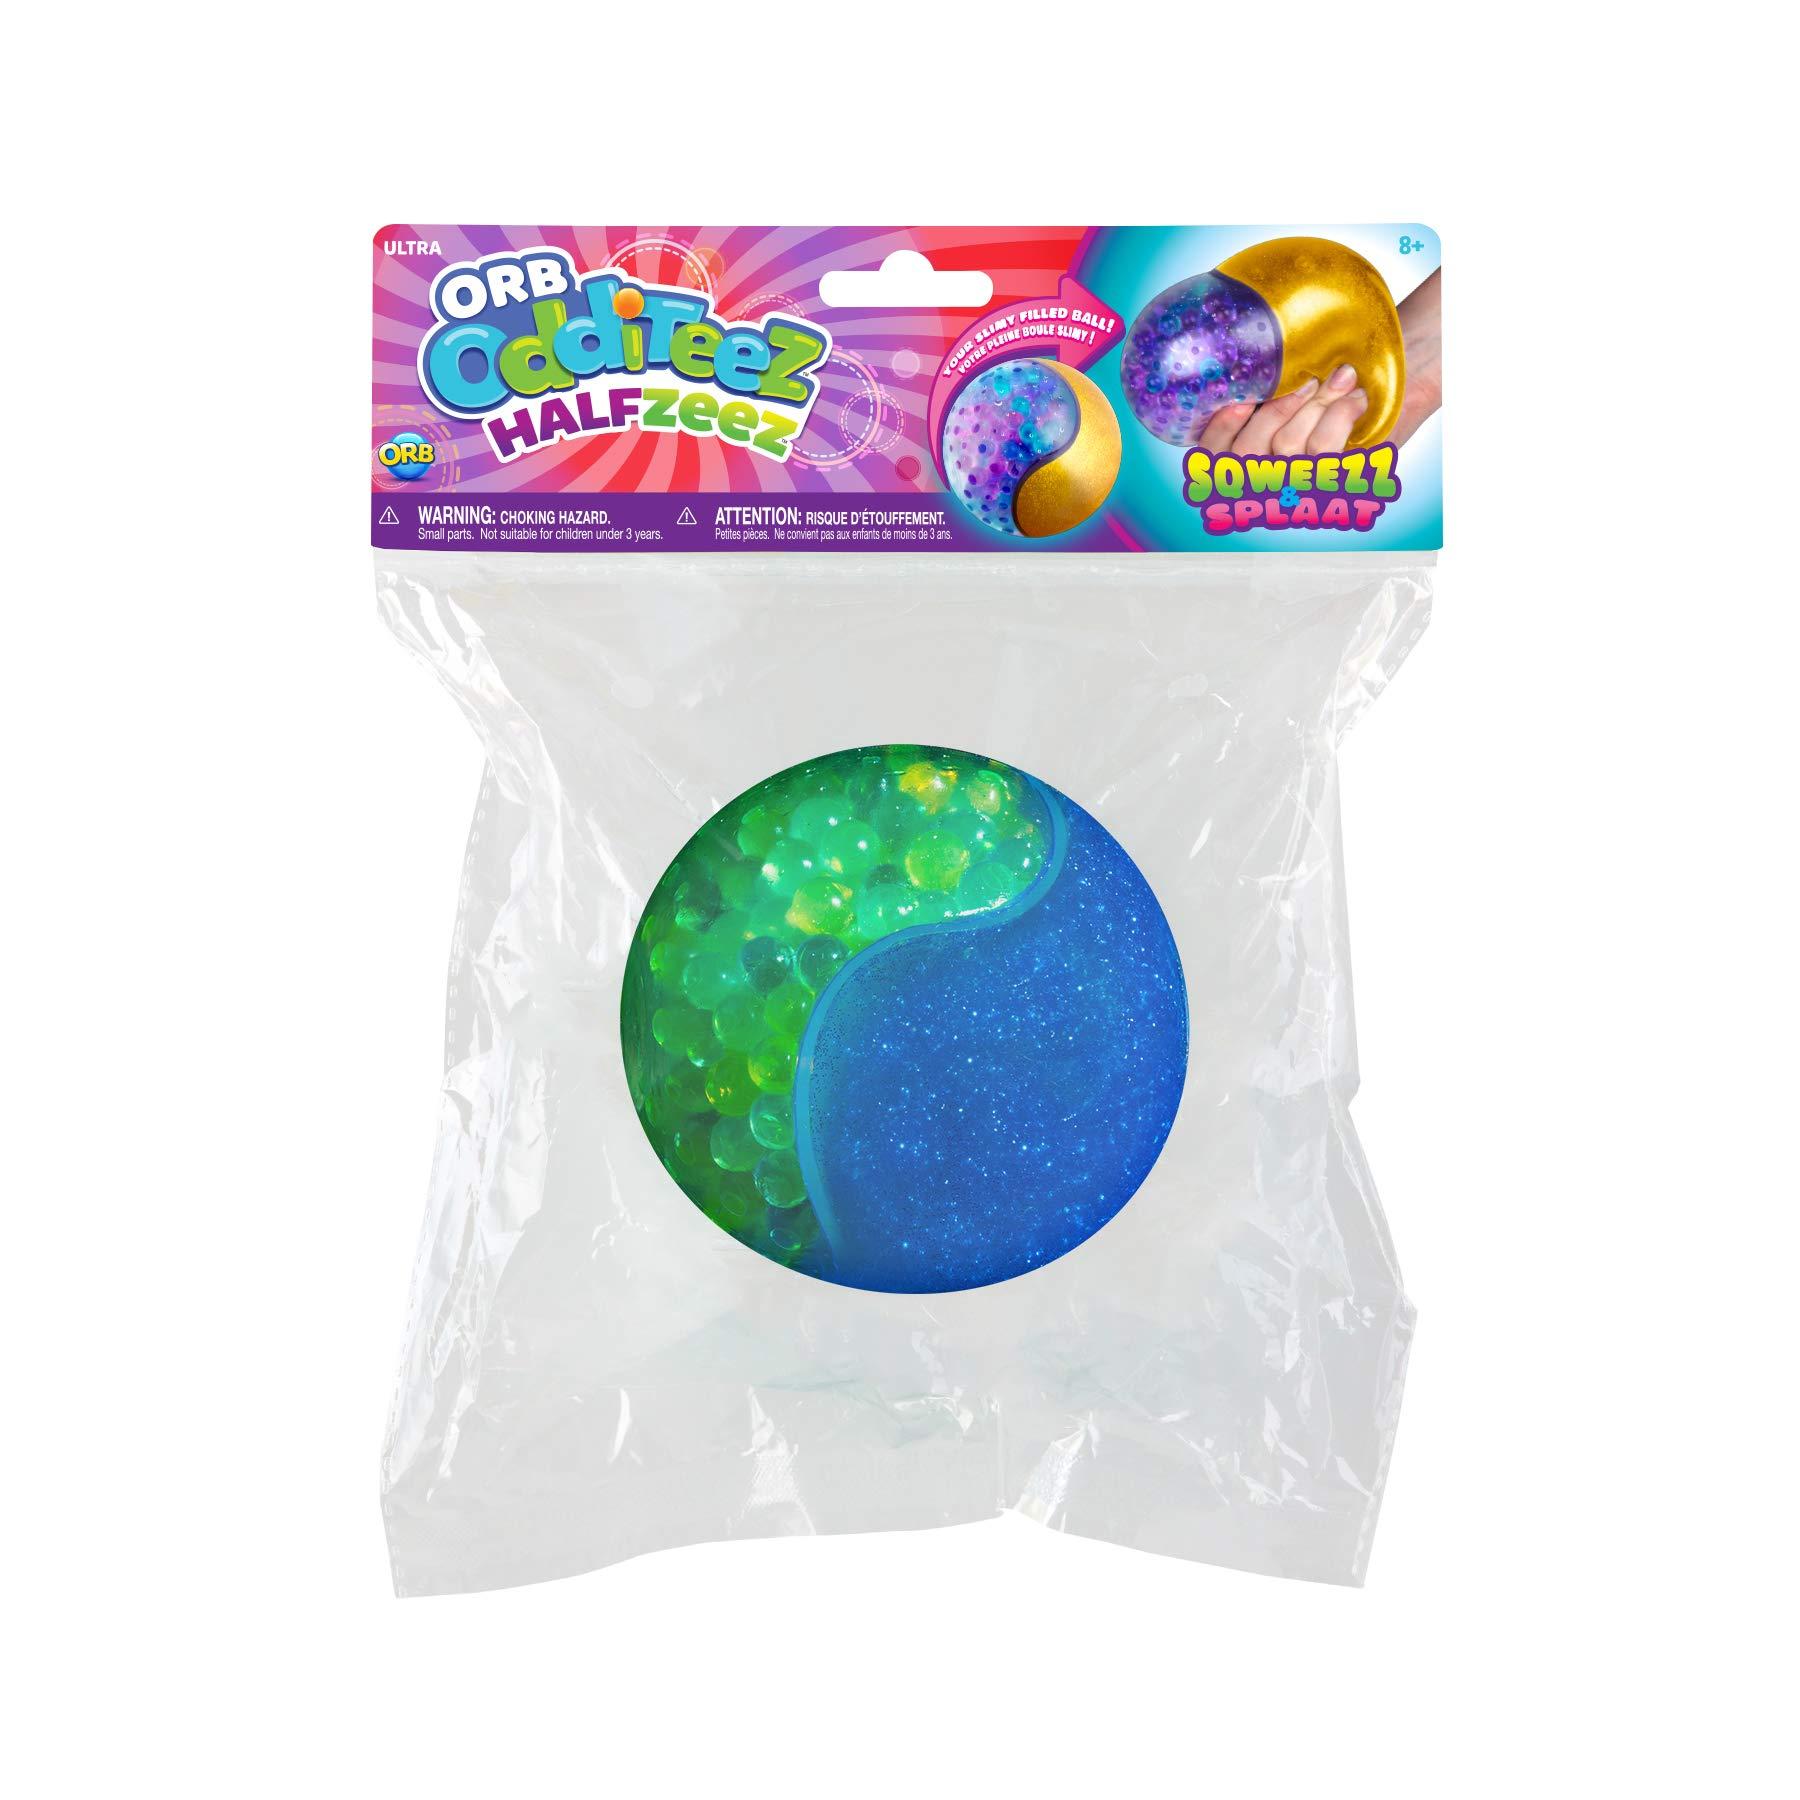 Orb Odditeez Ultra 4 Halfzeez Ball Squishy Slime Ball Half Glitter Slime Half Balzz & HOT New Toy (Blue-Green) by Orb Halfzeez (Image #3)